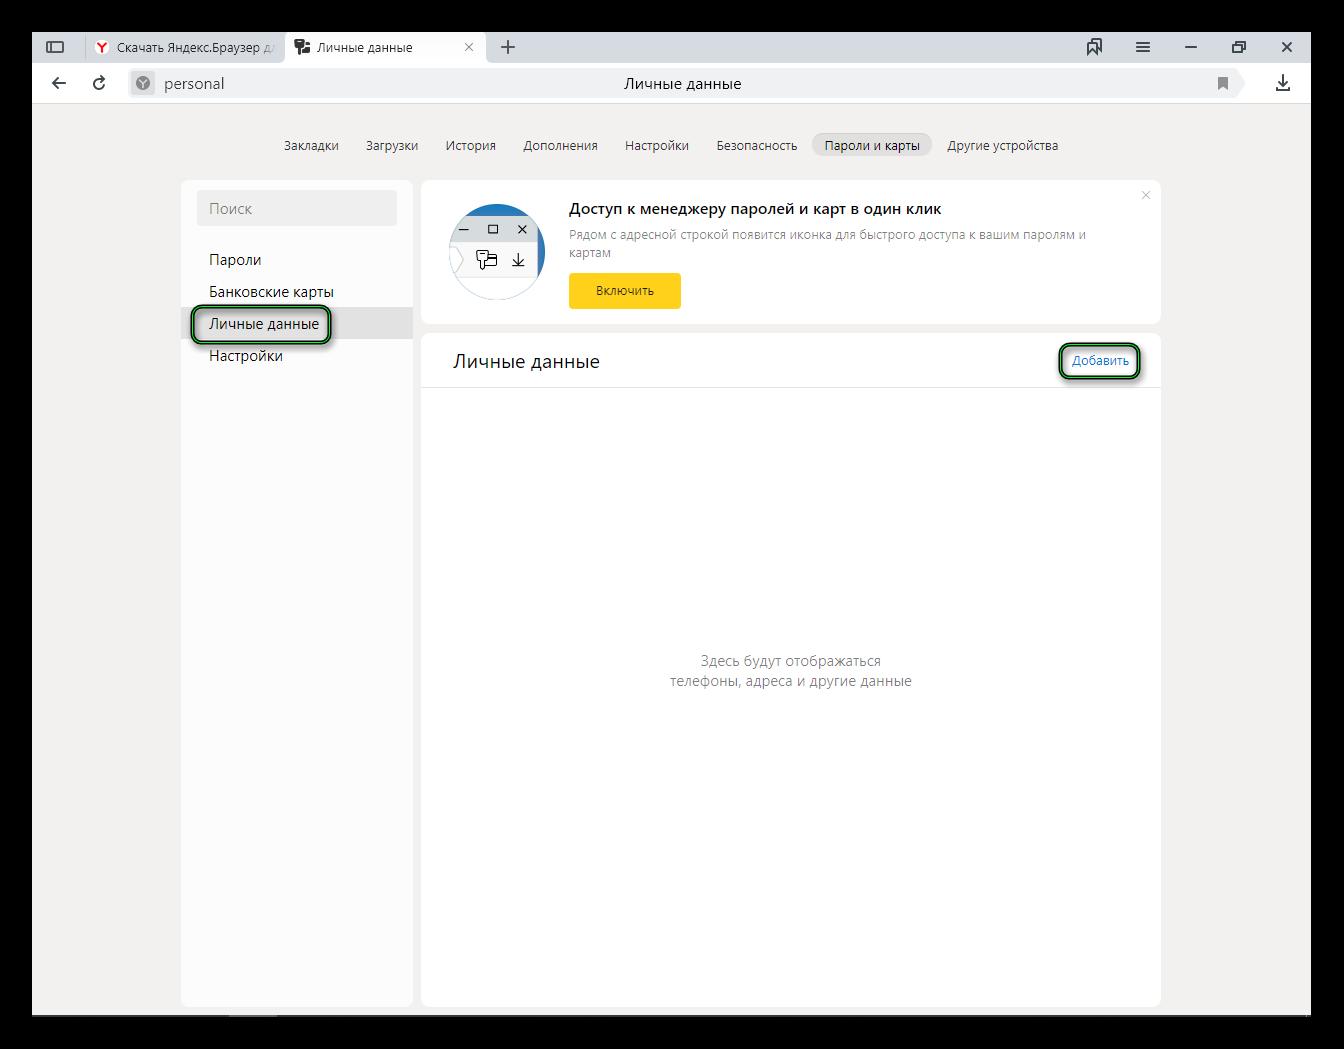 Добавить личные данные в браузер